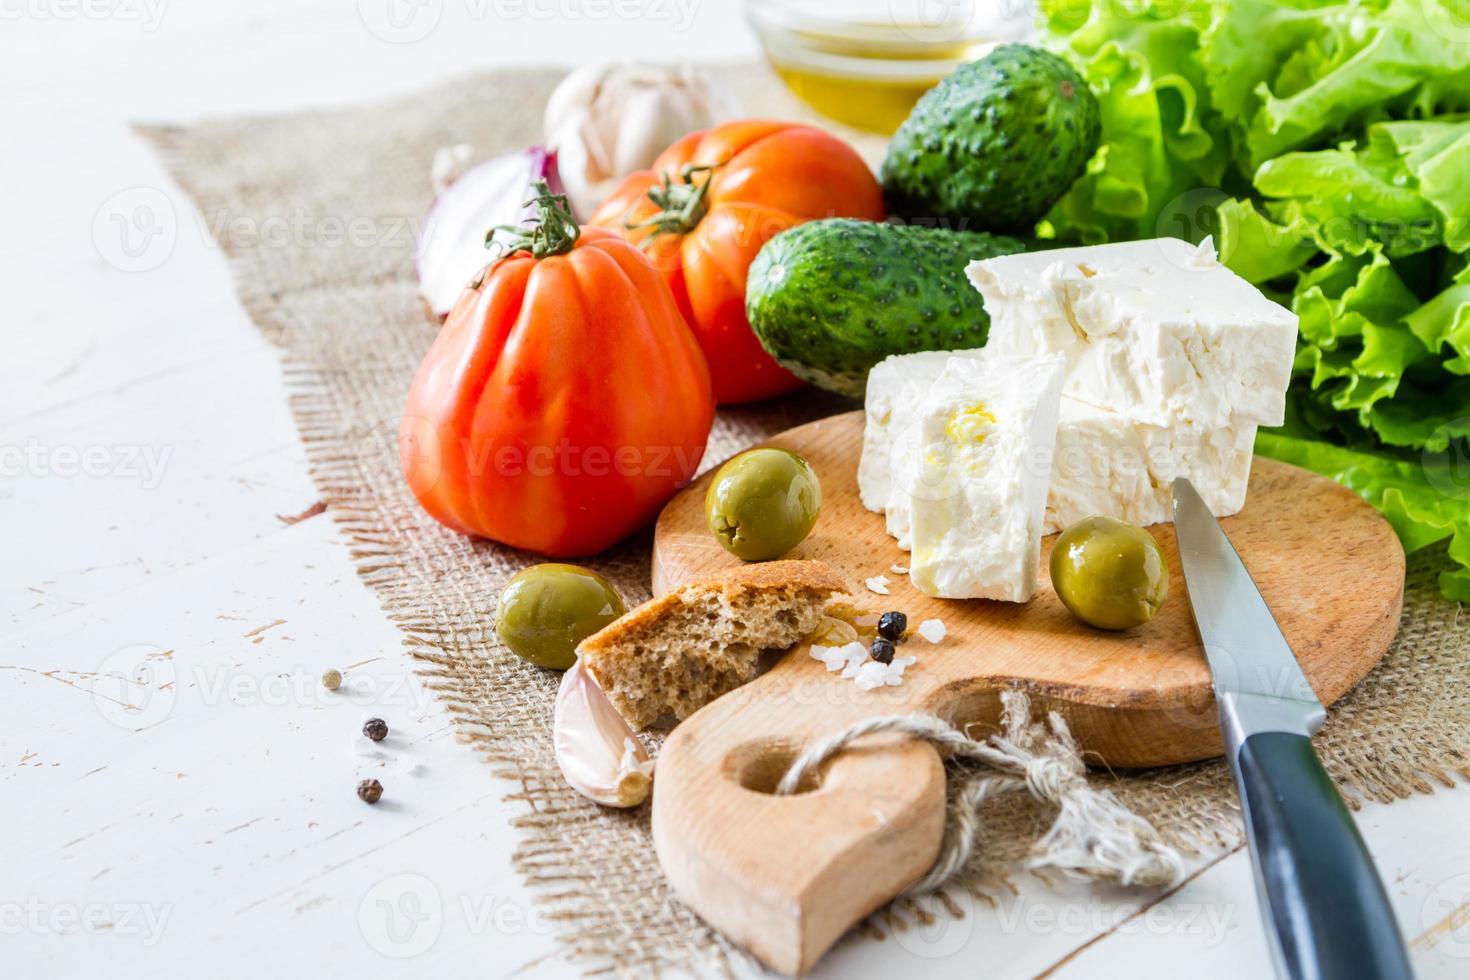 Salatzutaten - Tomate, Salat, Gurke, Feta, Zwiebel, Olive, Knoblauch foto